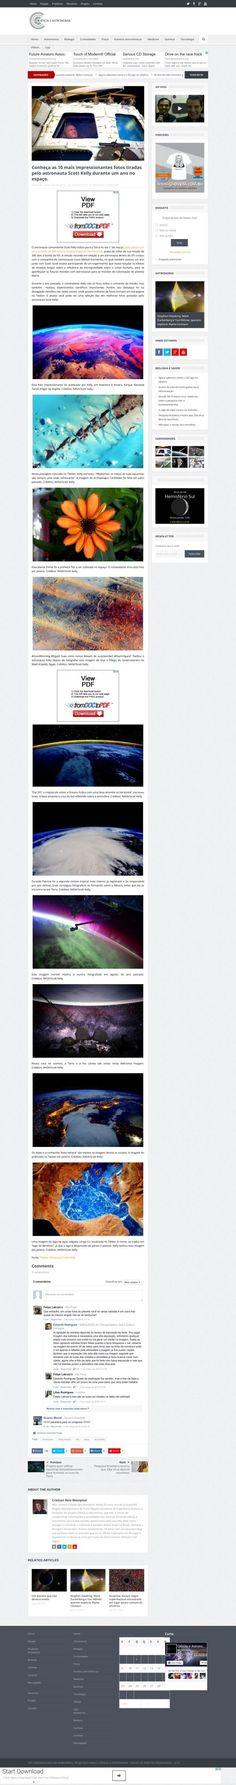 Screenshot http://cienciaeastronomia.com.br/site/conheca-as-10-mais-impressionantes-fotos-tiradas-pelo-astronauta-scott-kelly-durante-um-ano-no-espaco/ - created via https://pinthemall.net